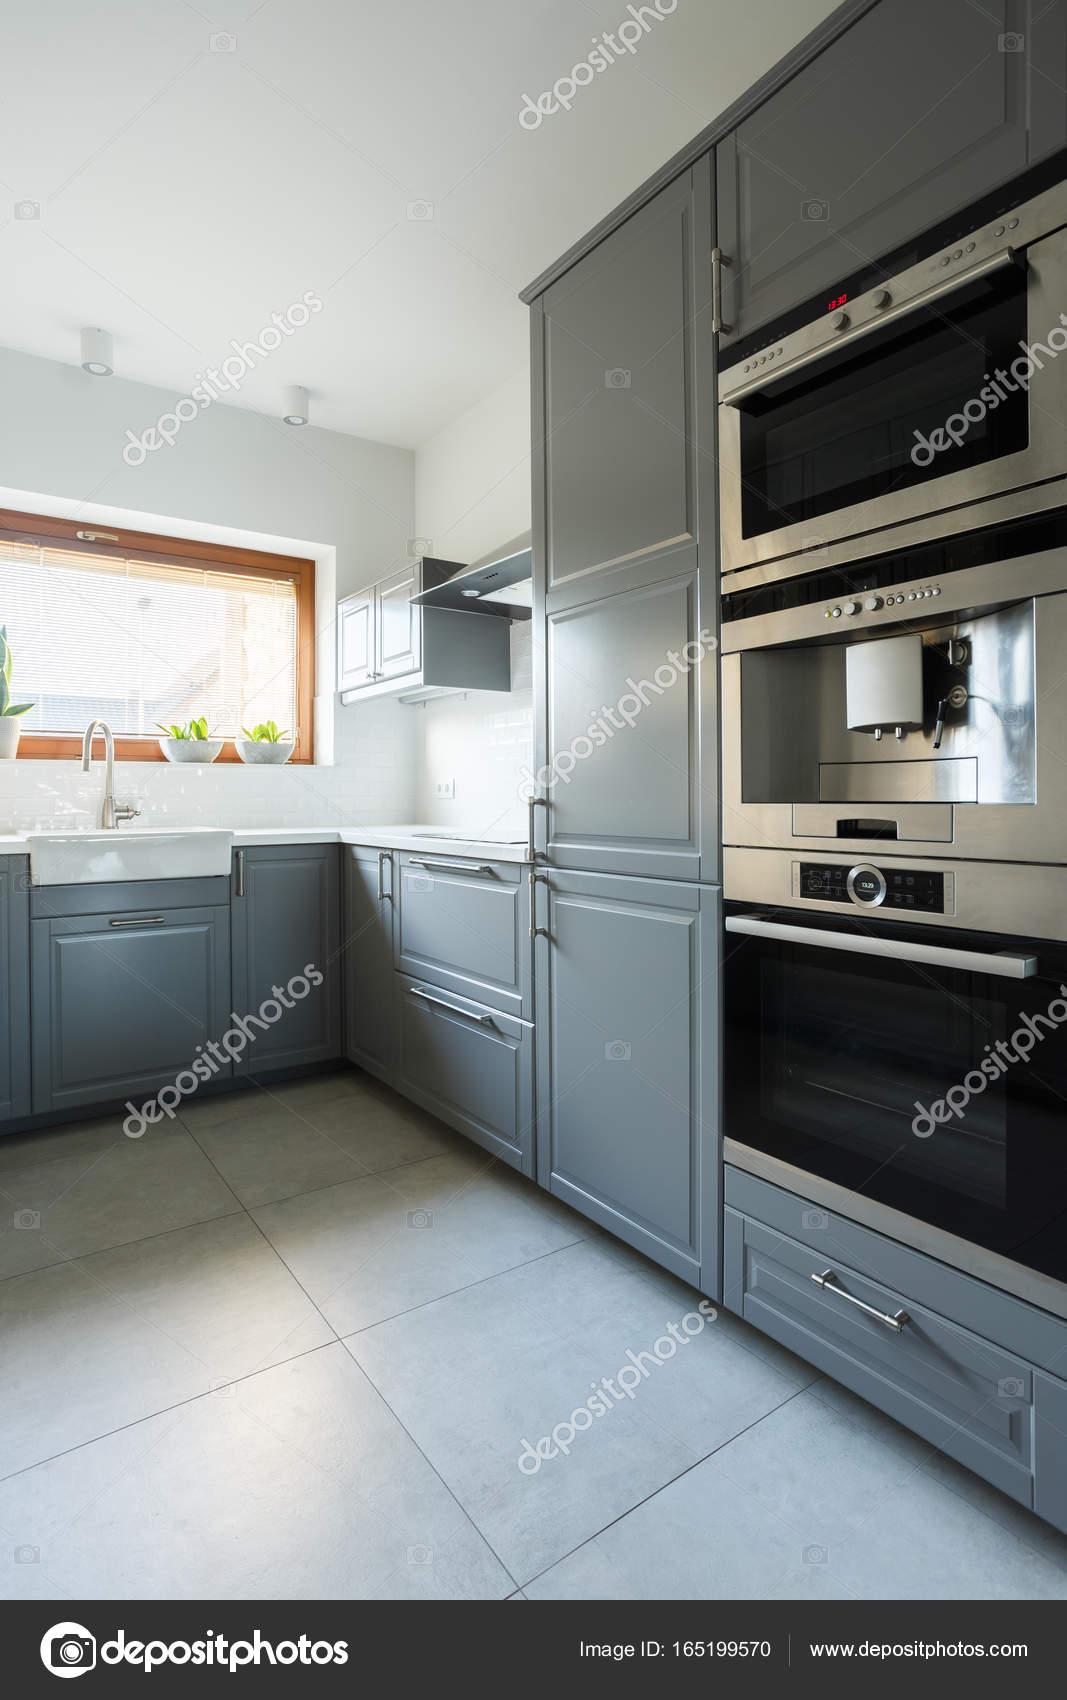 https://st3.depositphotos.com/2249091/16519/i/1600/depositphotos_165199570-stockafbeelding-keuken-met-olijfgroen-kasten.jpg